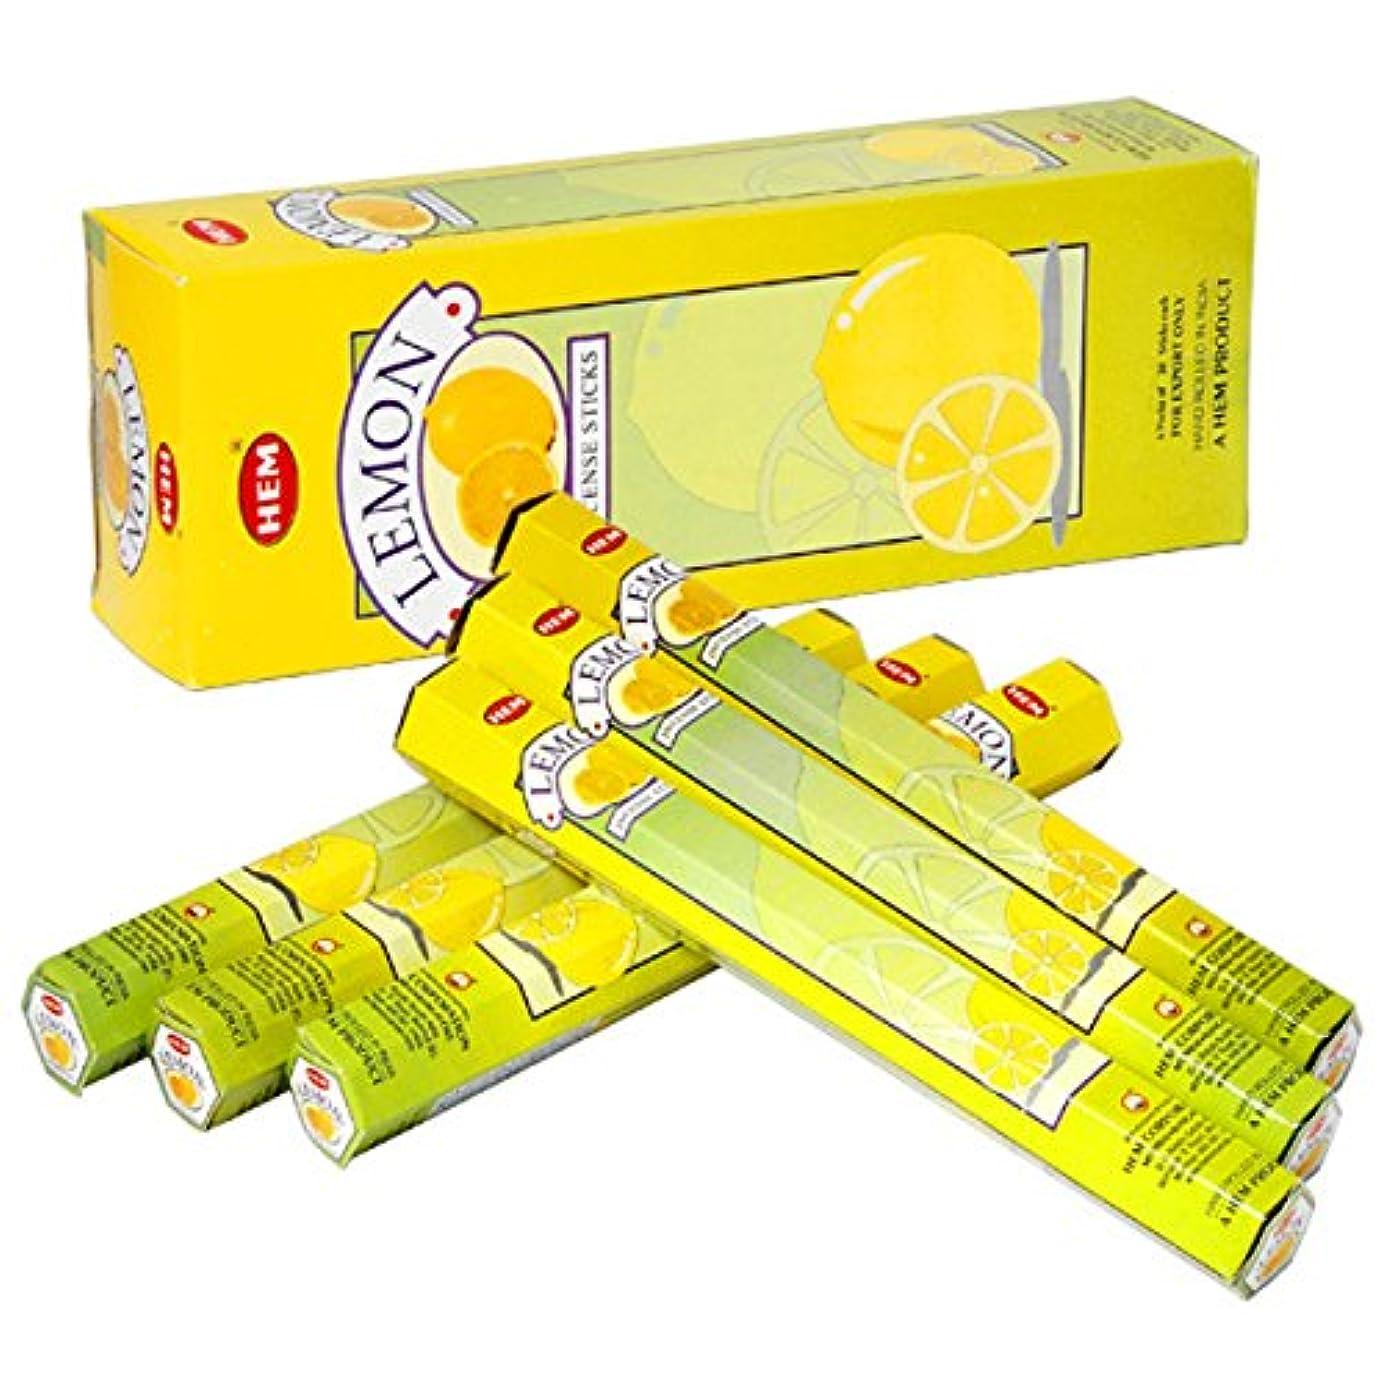 実施する寝てる勤勉なHEM(ヘム) レモン LEMON スティックタイプ お香 6筒 セット [並行輸入品]